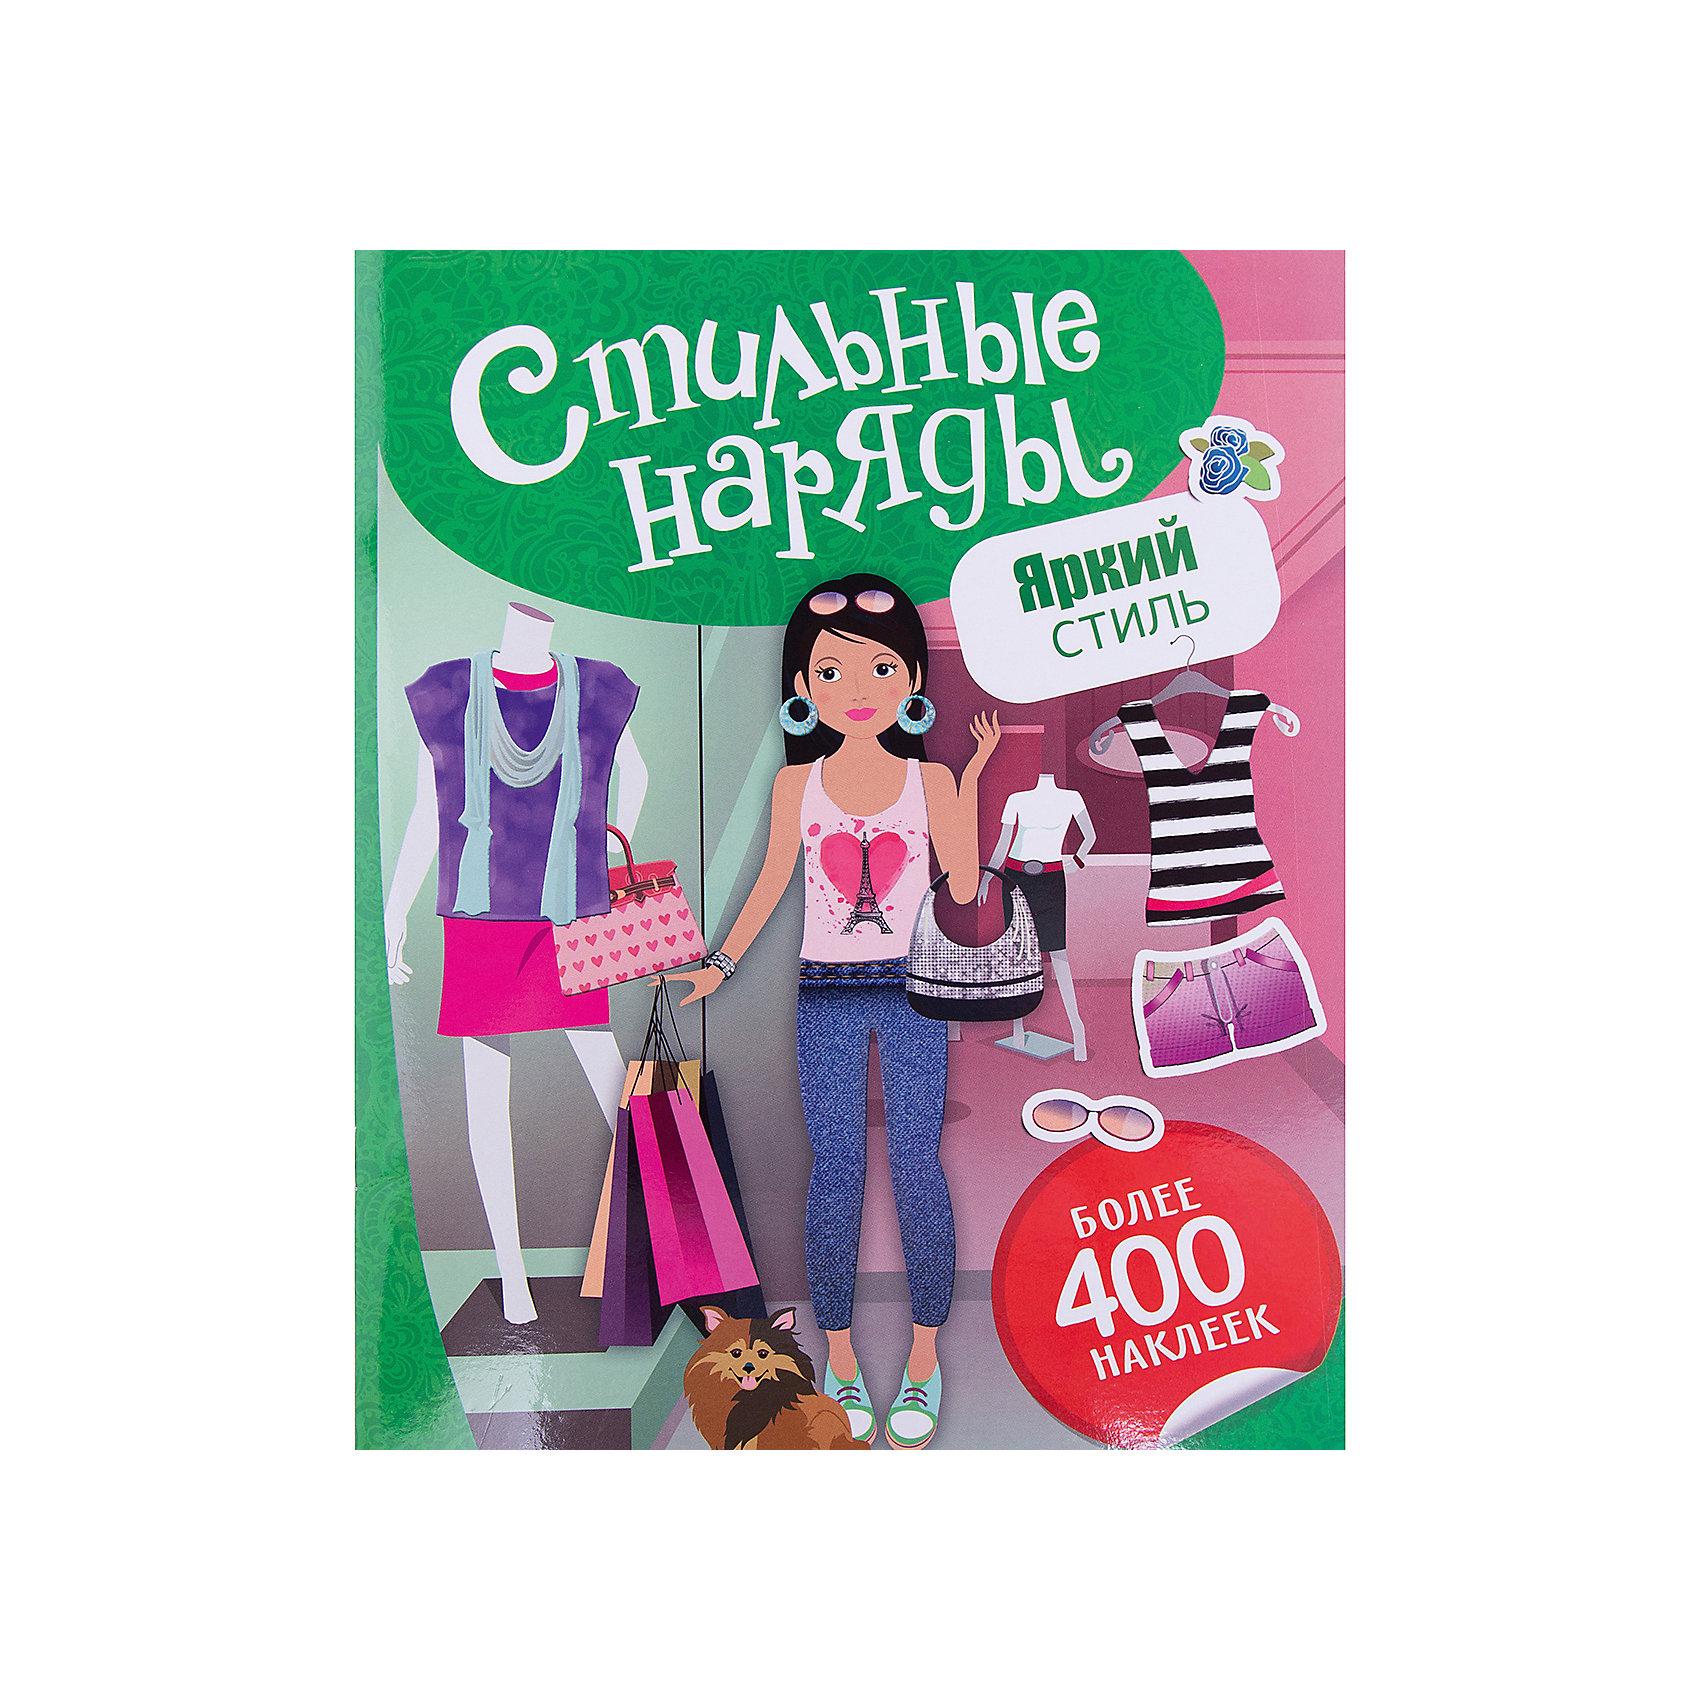 Наклейки Стильные наряды: яркий стильКнижки с наклейками<br>Наклейки Стильные наряды. Яркий стиль<br><br>Характеристики:<br><br>• ISBN: 9785353079910<br>• Количество наклеек: большее 400<br>• В комплекте: альбом с наклейками<br><br>В этой книге содержится более 400 наклеек с разными модными аксессуарами и одеждой! Играя с этой книгой, ваш ребенок сможет ощутить себя настоящим дизайнером, составляя модные образы и сочетая различные элементы нарядов между собой. Игра с наклейками способствует развитию мелкой моторики у детей, а яркие и красочные изображения надолго увлекут игрой.<br><br>Наклейки Стильные наряды. Яркий стиль можно купить в нашем интернет-магазине.<br><br>Ширина мм: 295<br>Глубина мм: 240<br>Высота мм: 30<br>Вес г: 218<br>Возраст от месяцев: 60<br>Возраст до месяцев: 2147483647<br>Пол: Женский<br>Возраст: Детский<br>SKU: 5507141